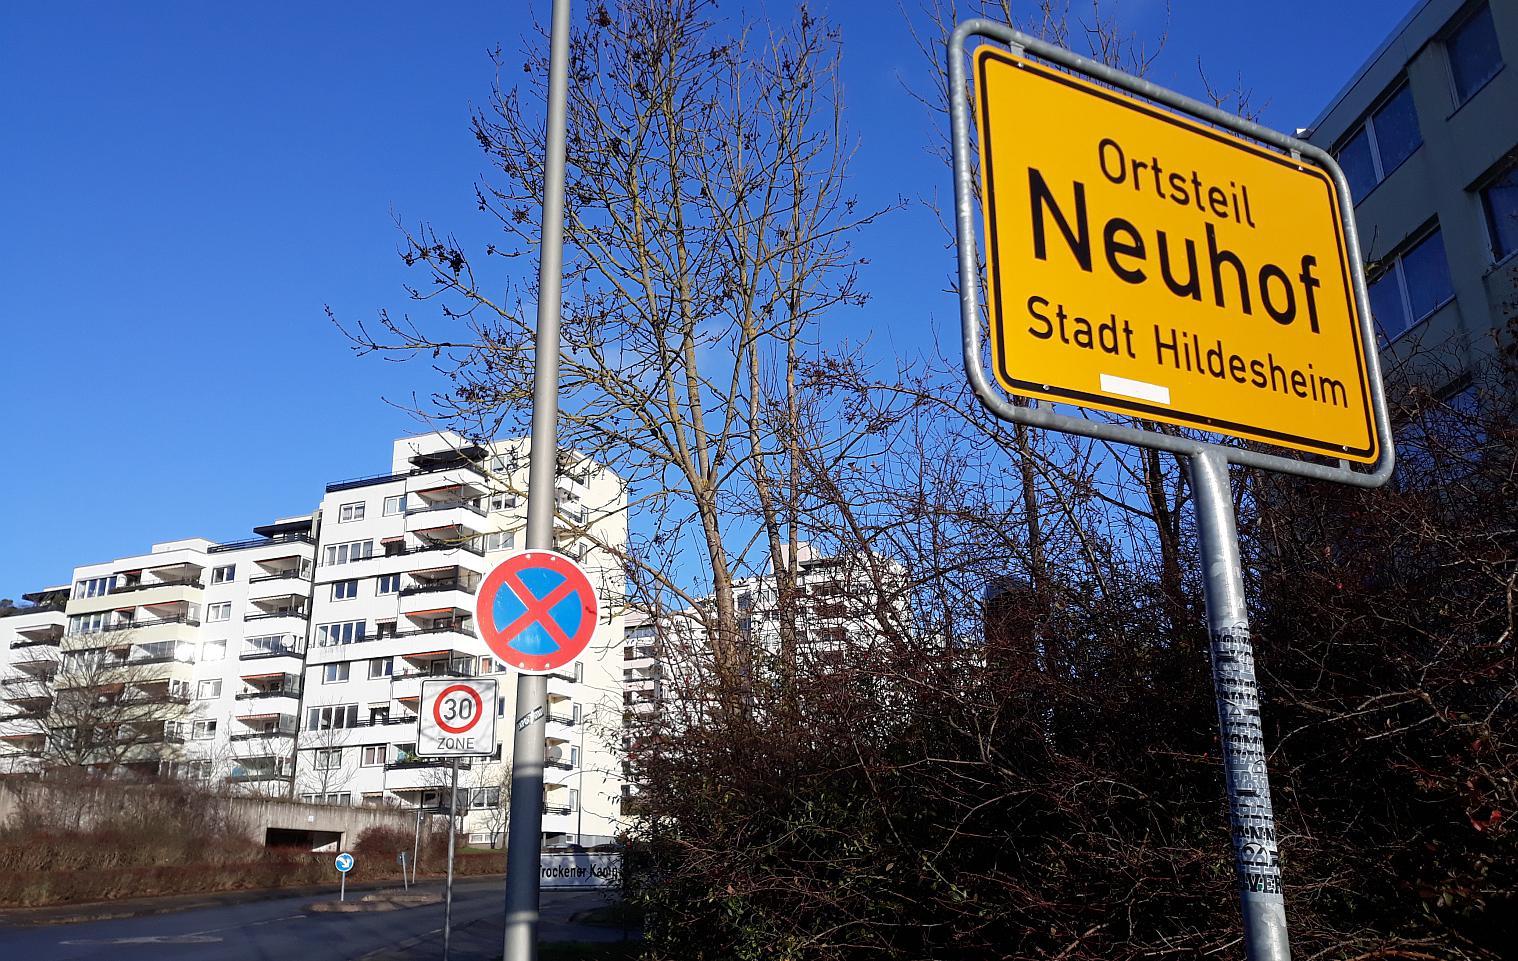 Hi-Neuhof